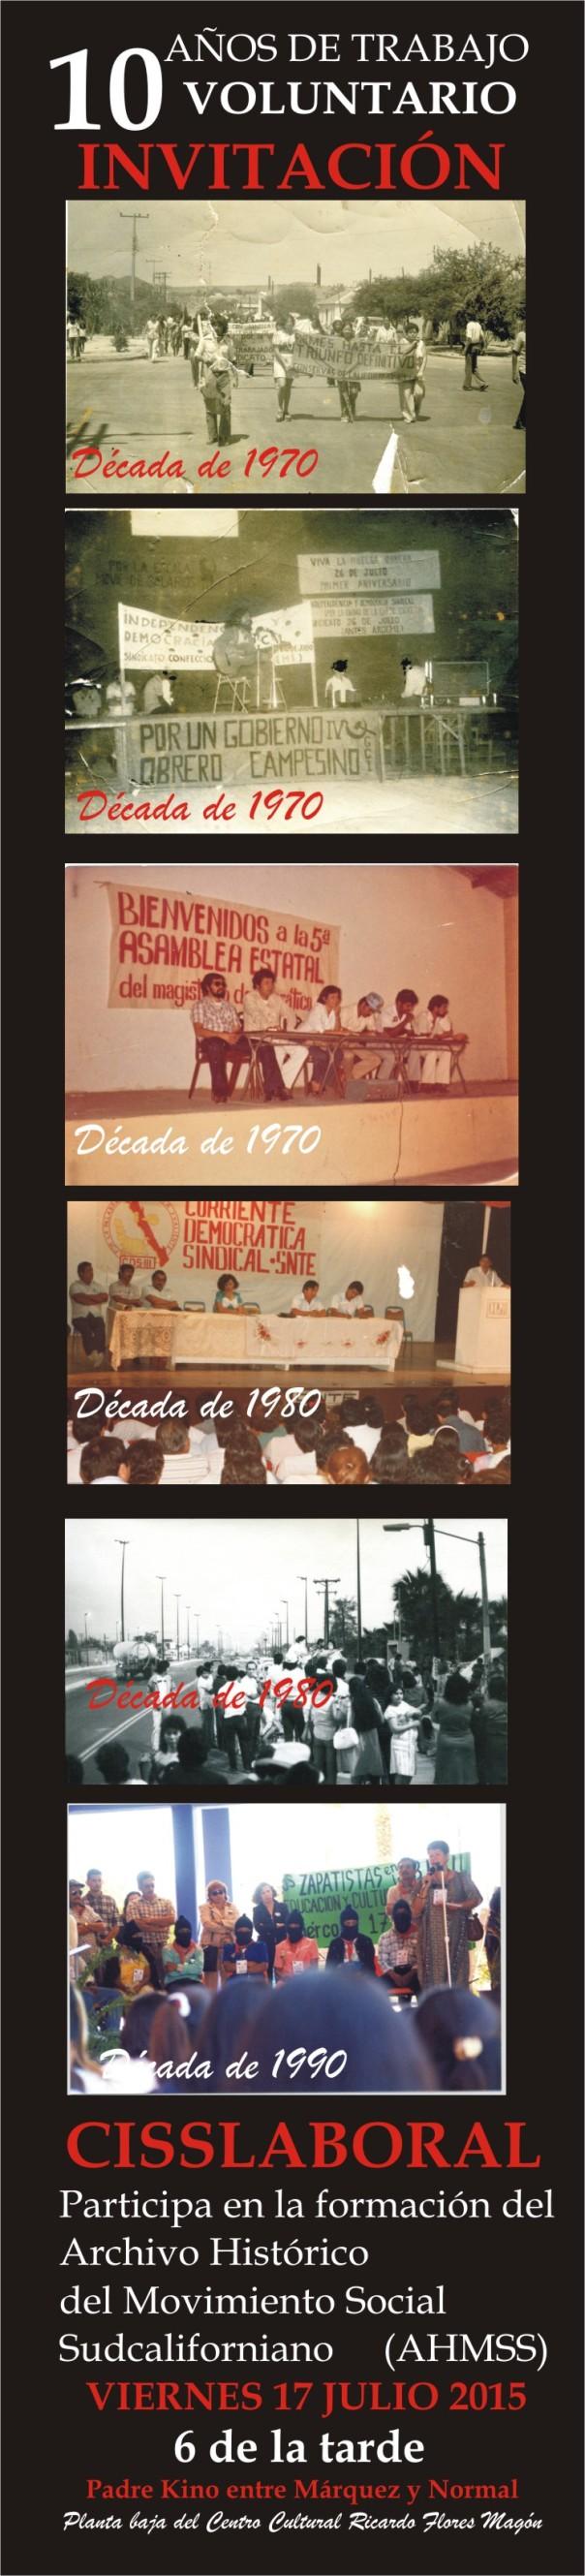 INVITACION 10 AÑOS TRABAJO VOLUNTARIO